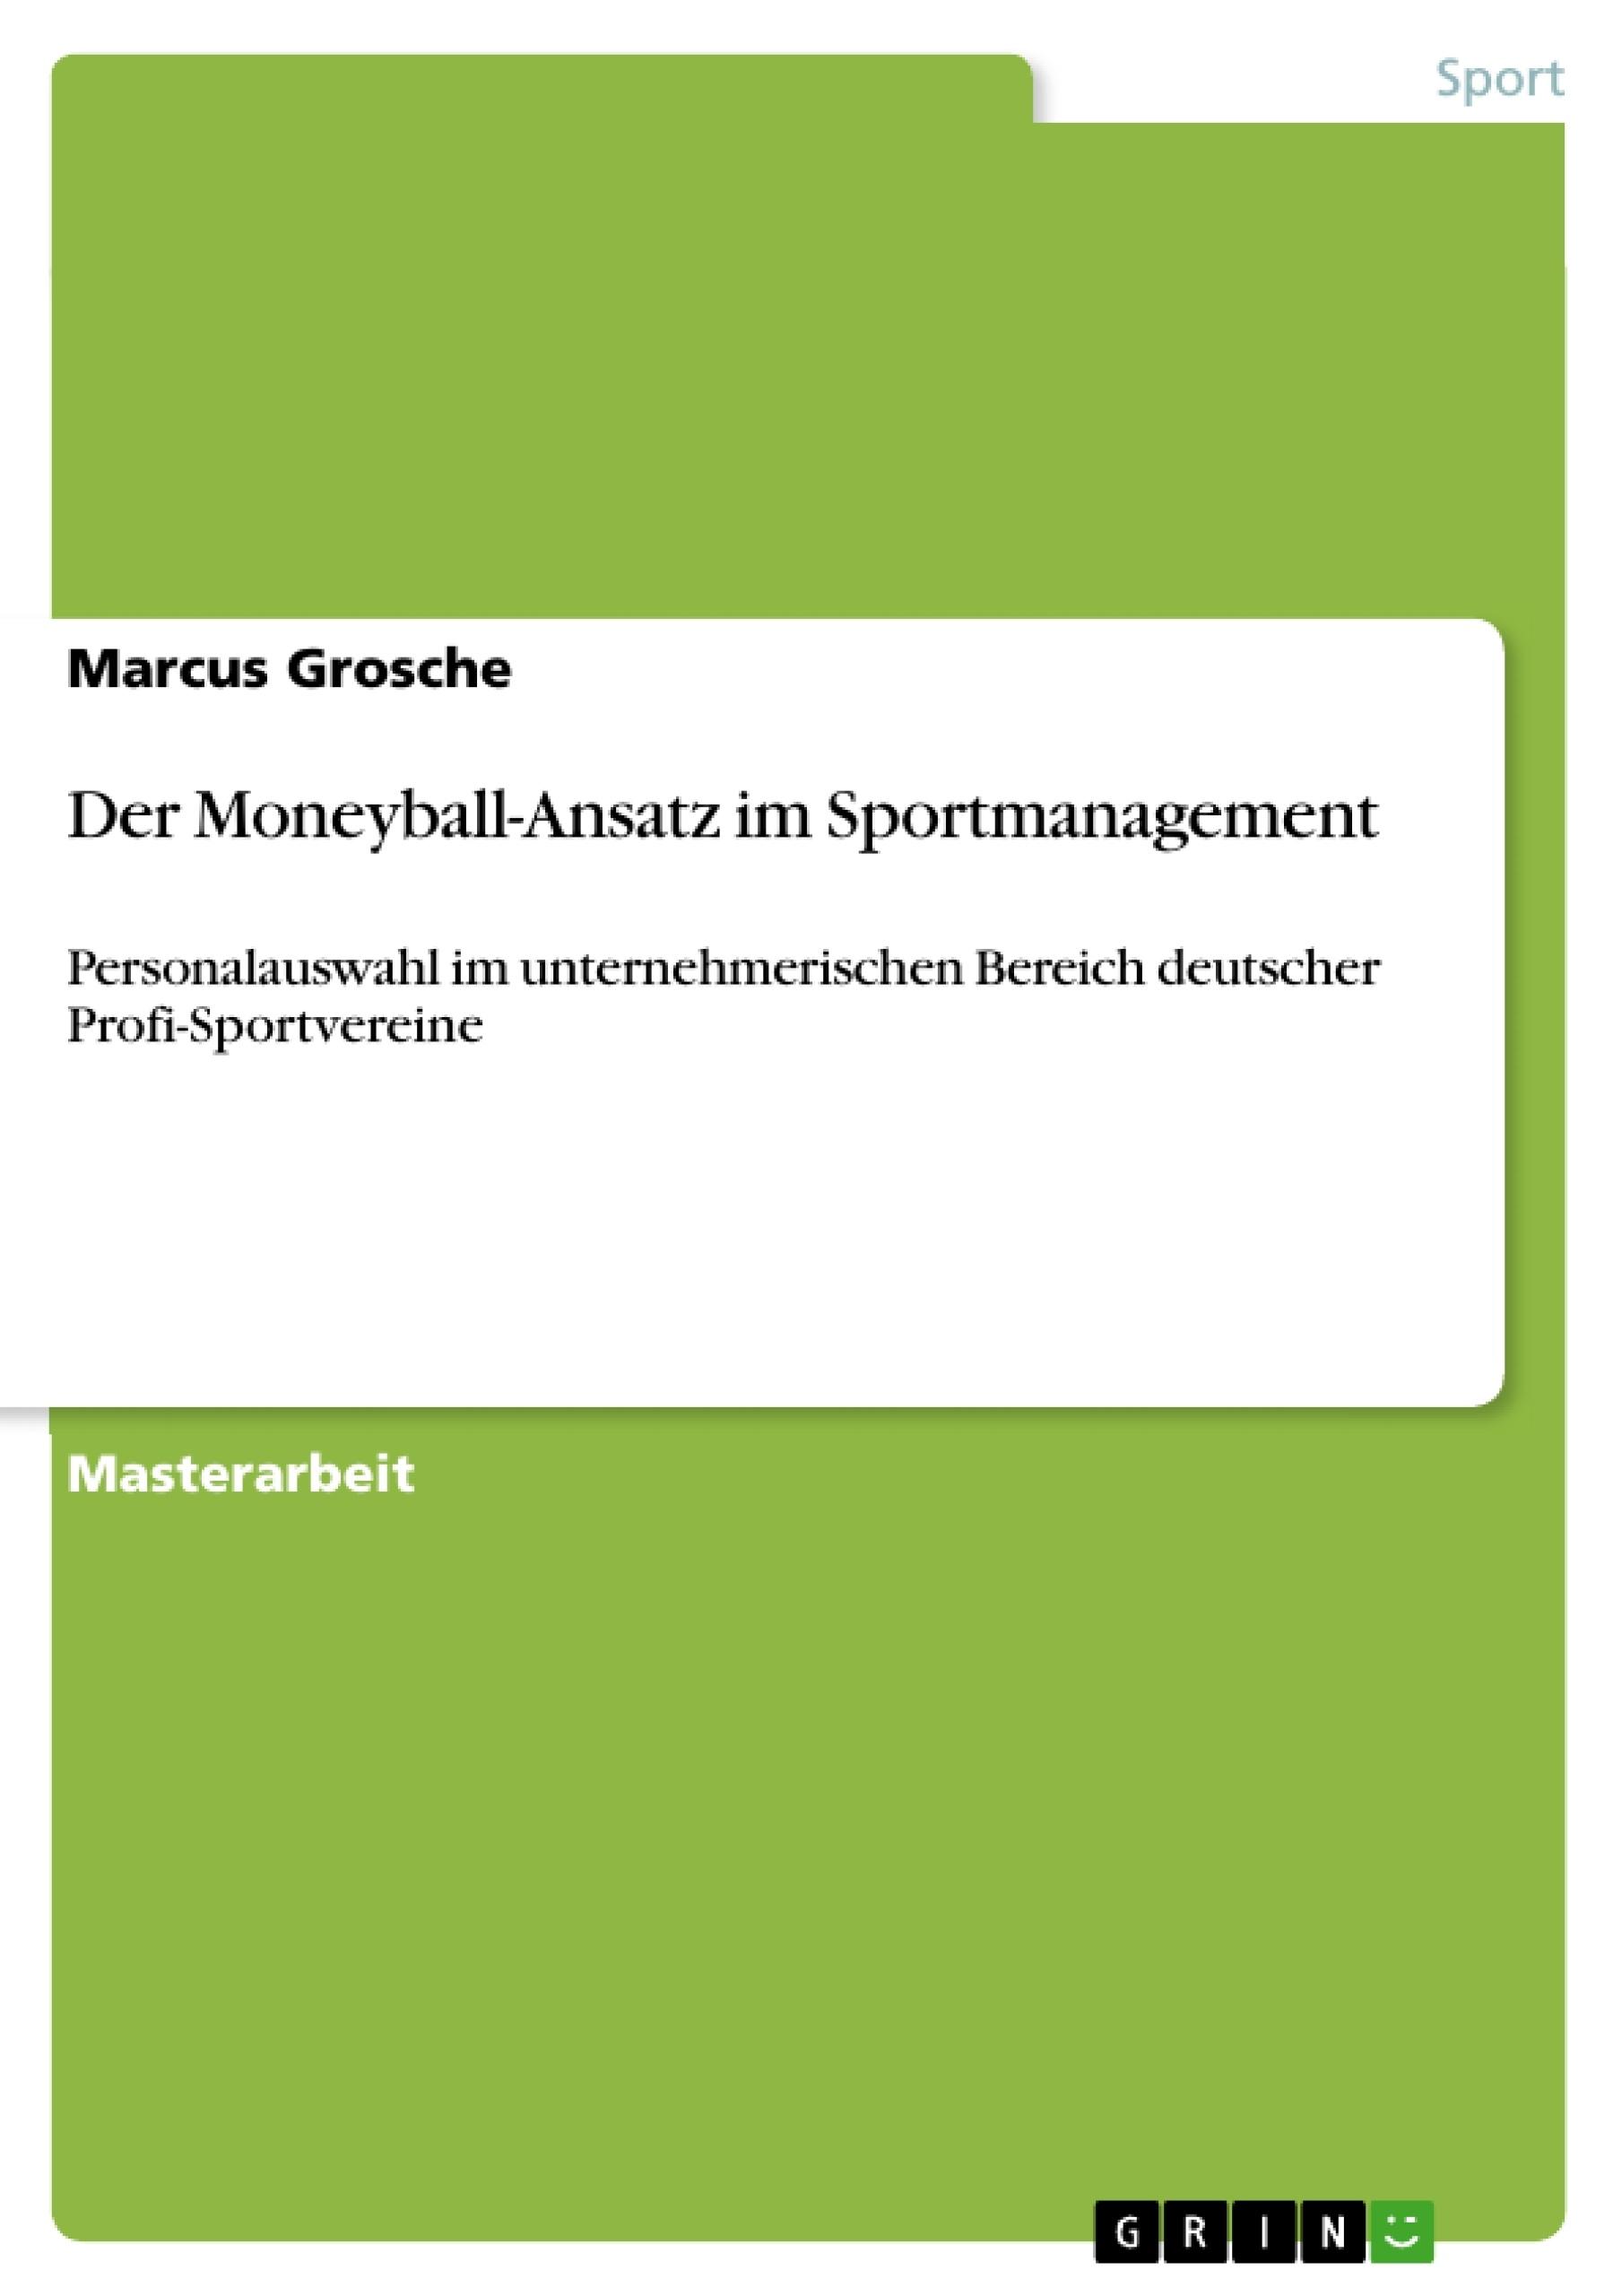 Der Moneyball-Ansatz im Sportmanagement | Diplomarbeiten24.de